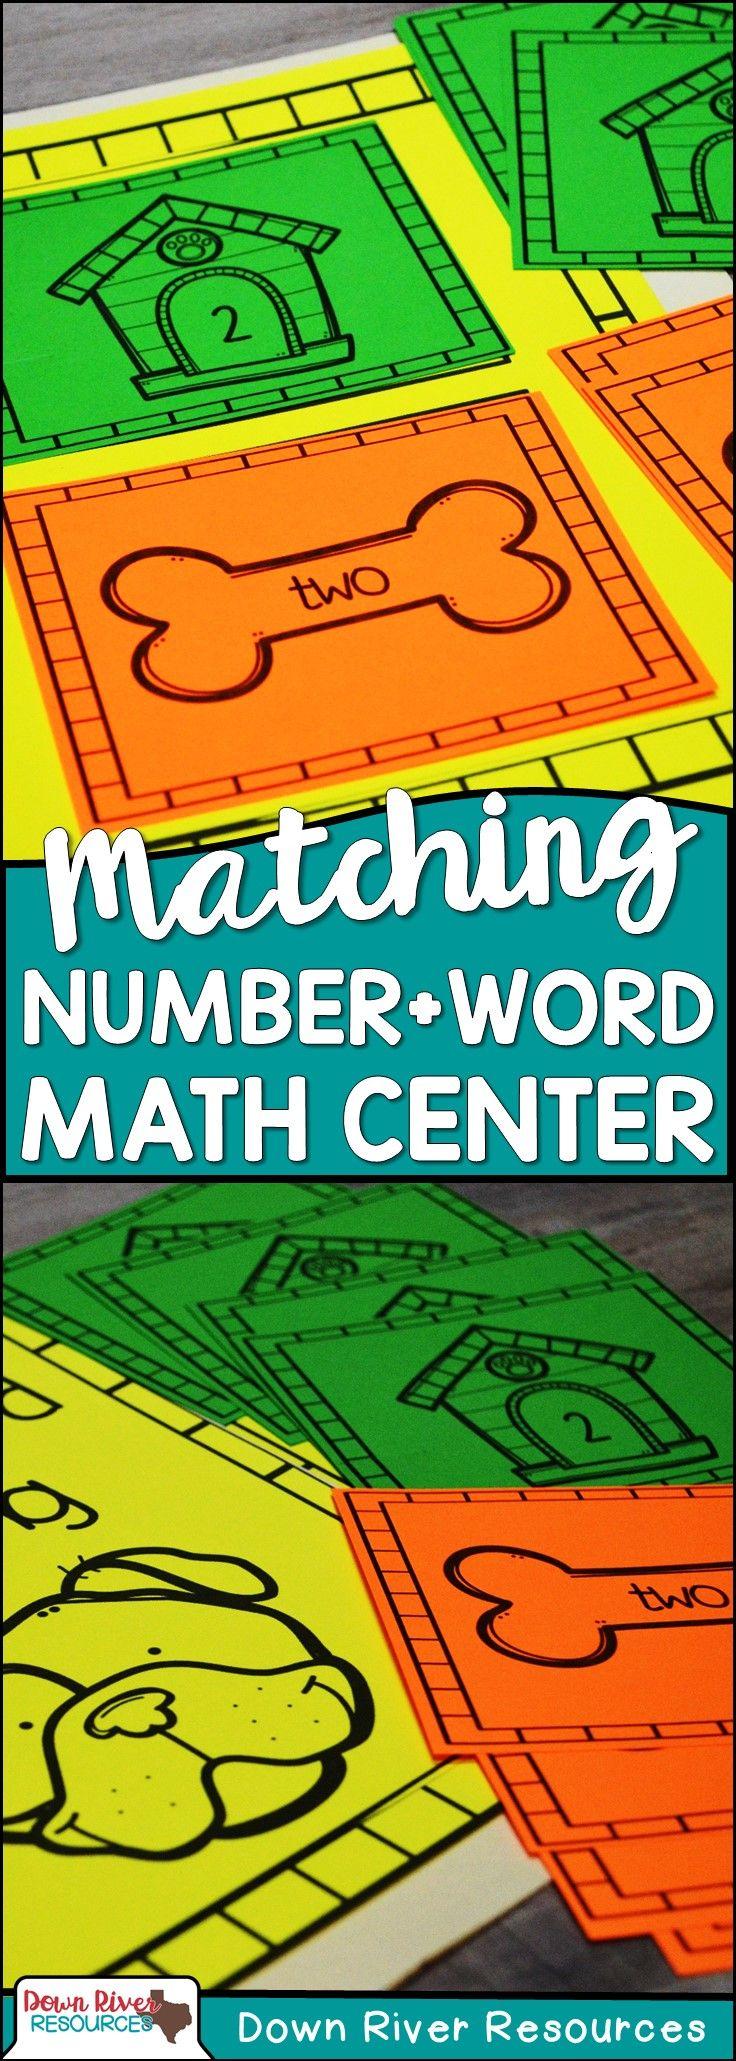 Number Word Matching Math Center for Kindergarten & First Grade ...